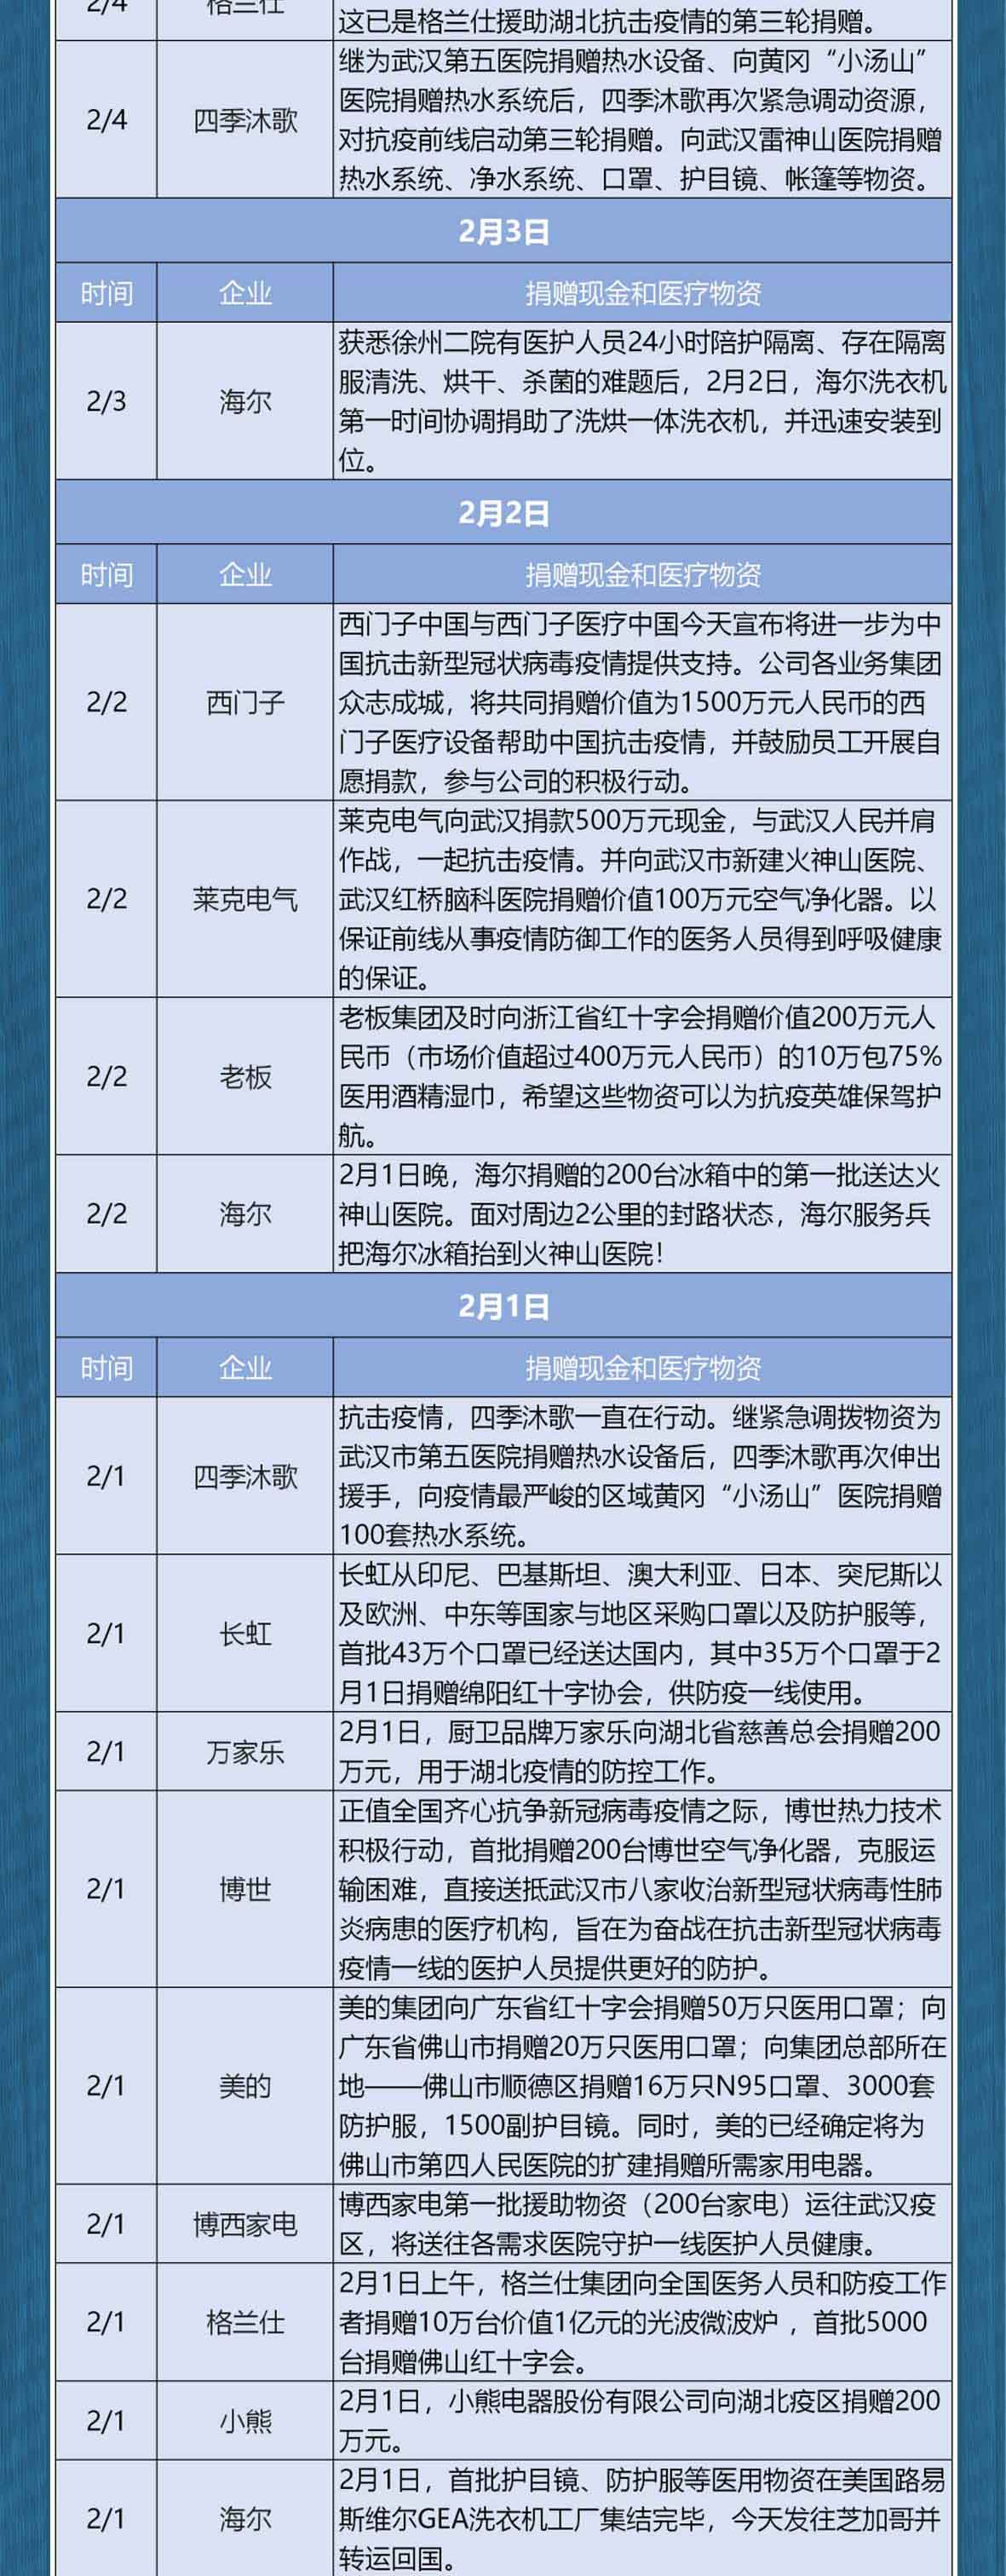 大国博疫丨家居企业驰援武汉(长图)